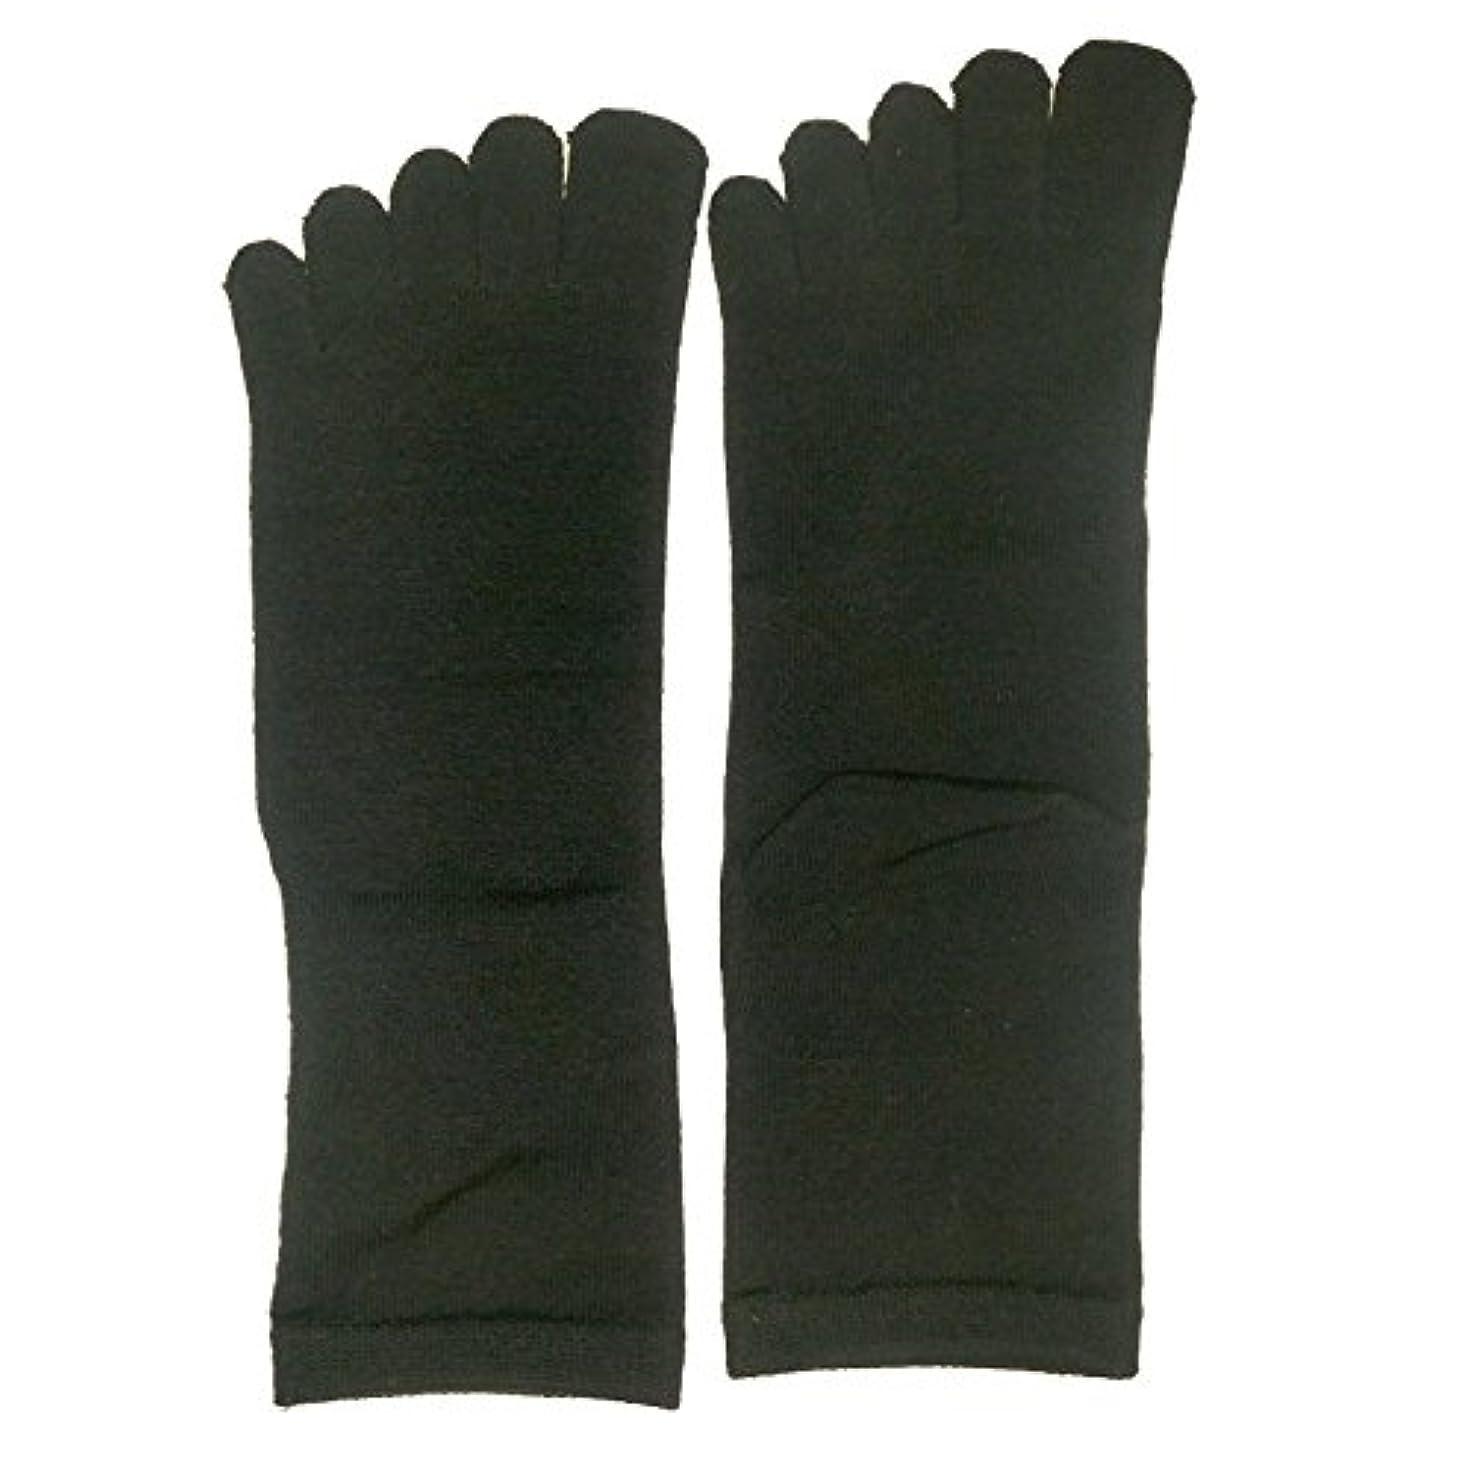 取り扱いする必要がある仕方【3足セット】シルク 五本指 ソックス レギュラー丈 25-27cm 日本製 (ブラック)絹 靴下